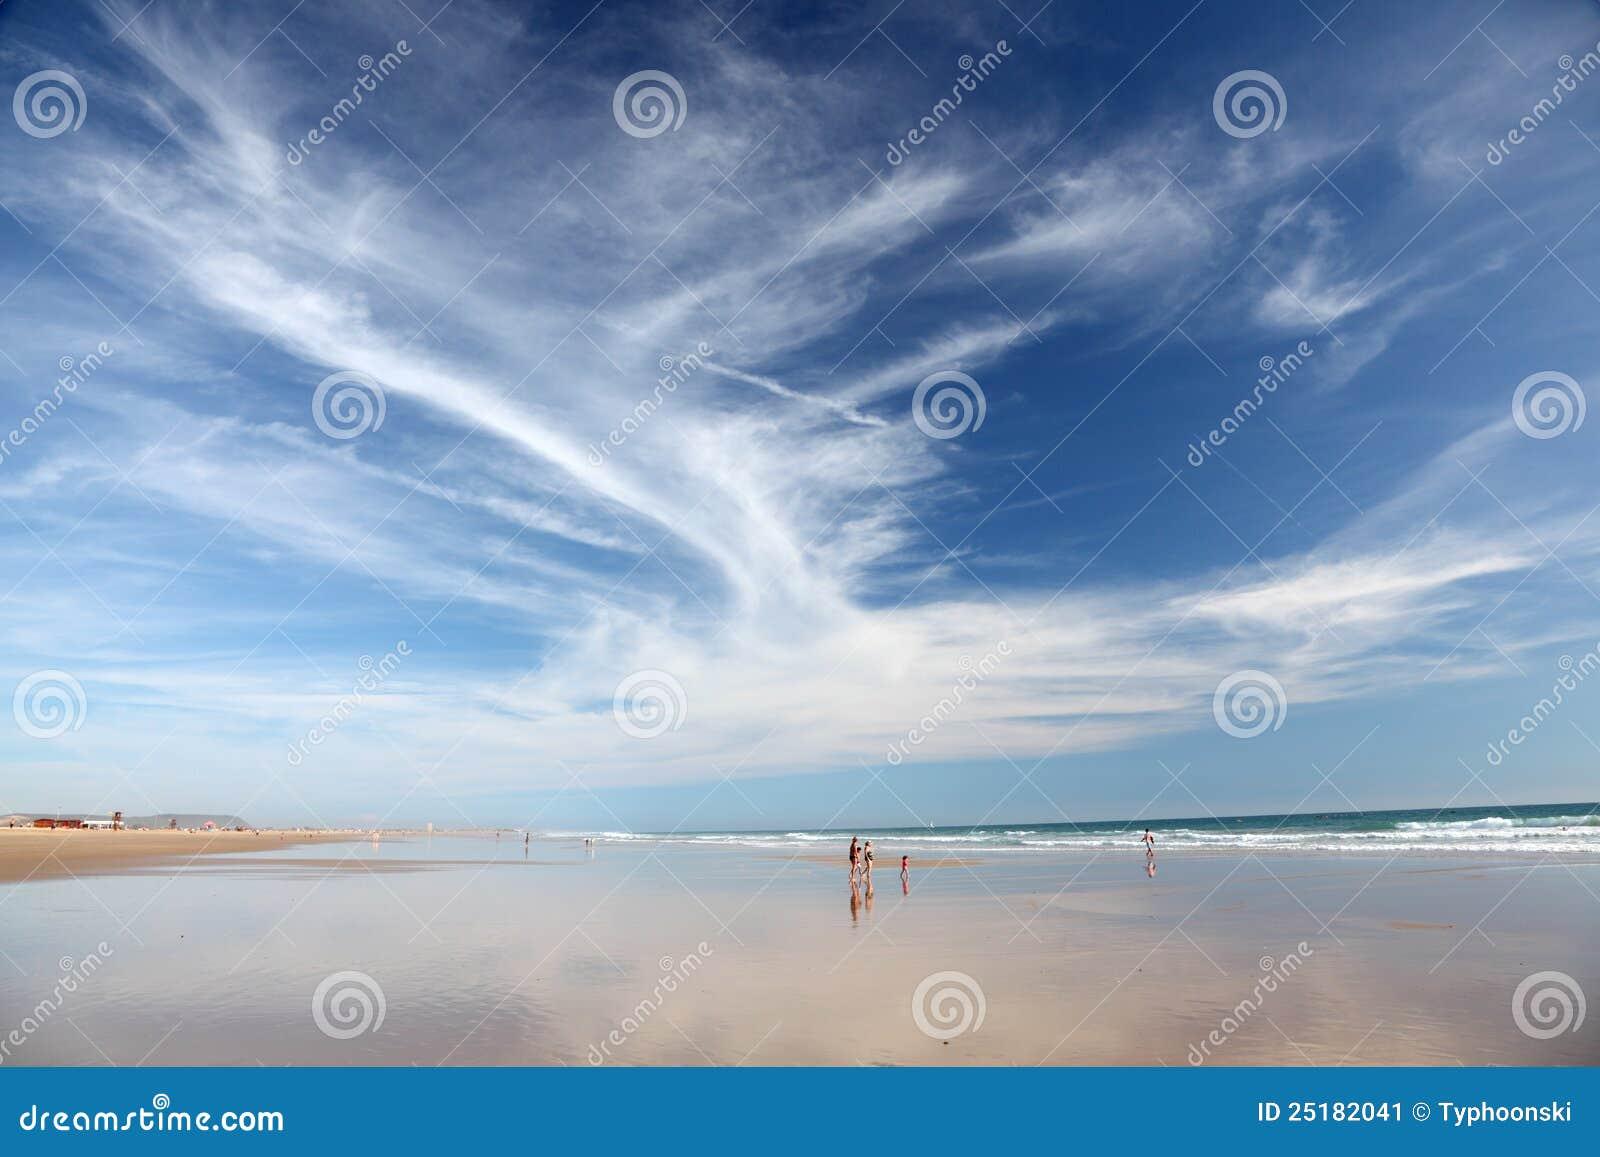 Strand in Costa de la Luz, Spanje